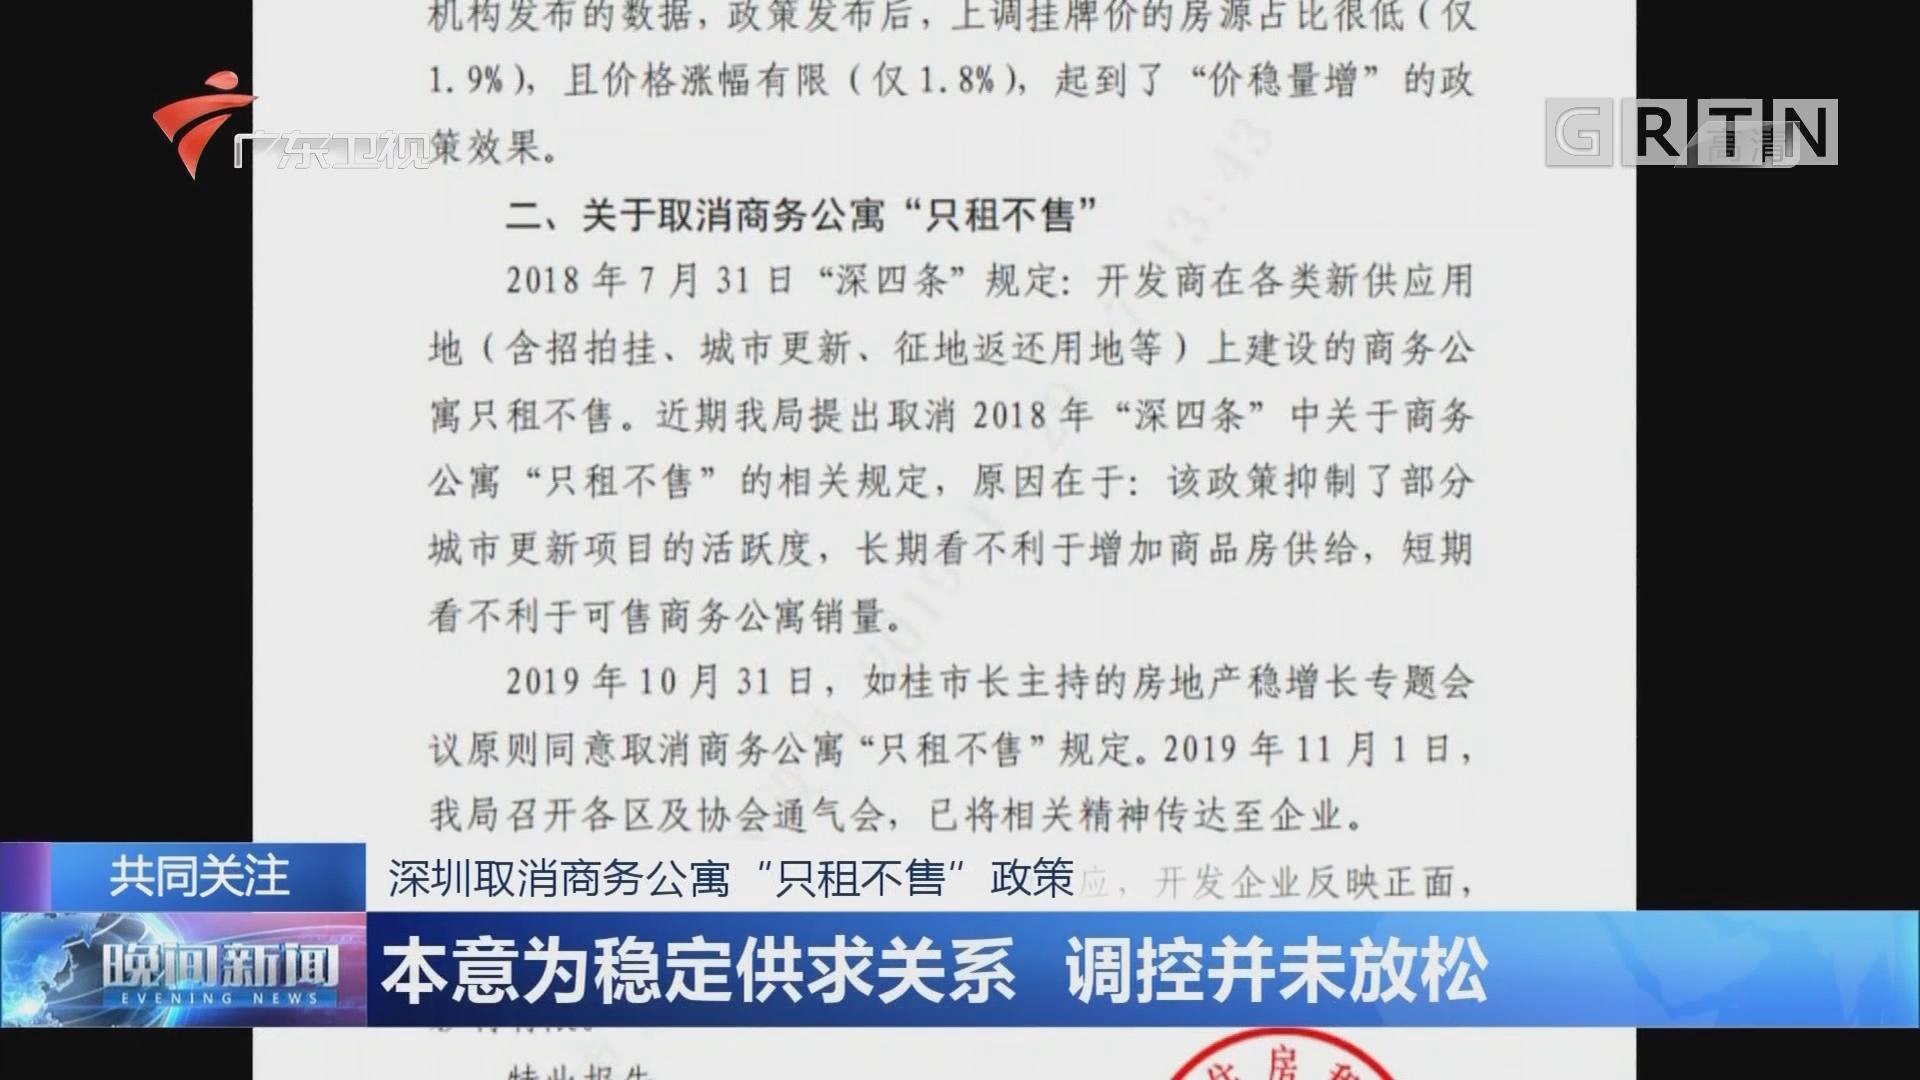 """深圳取消商务公寓""""只租不售""""政策 本意为稳定供求关系 调控并未放松"""